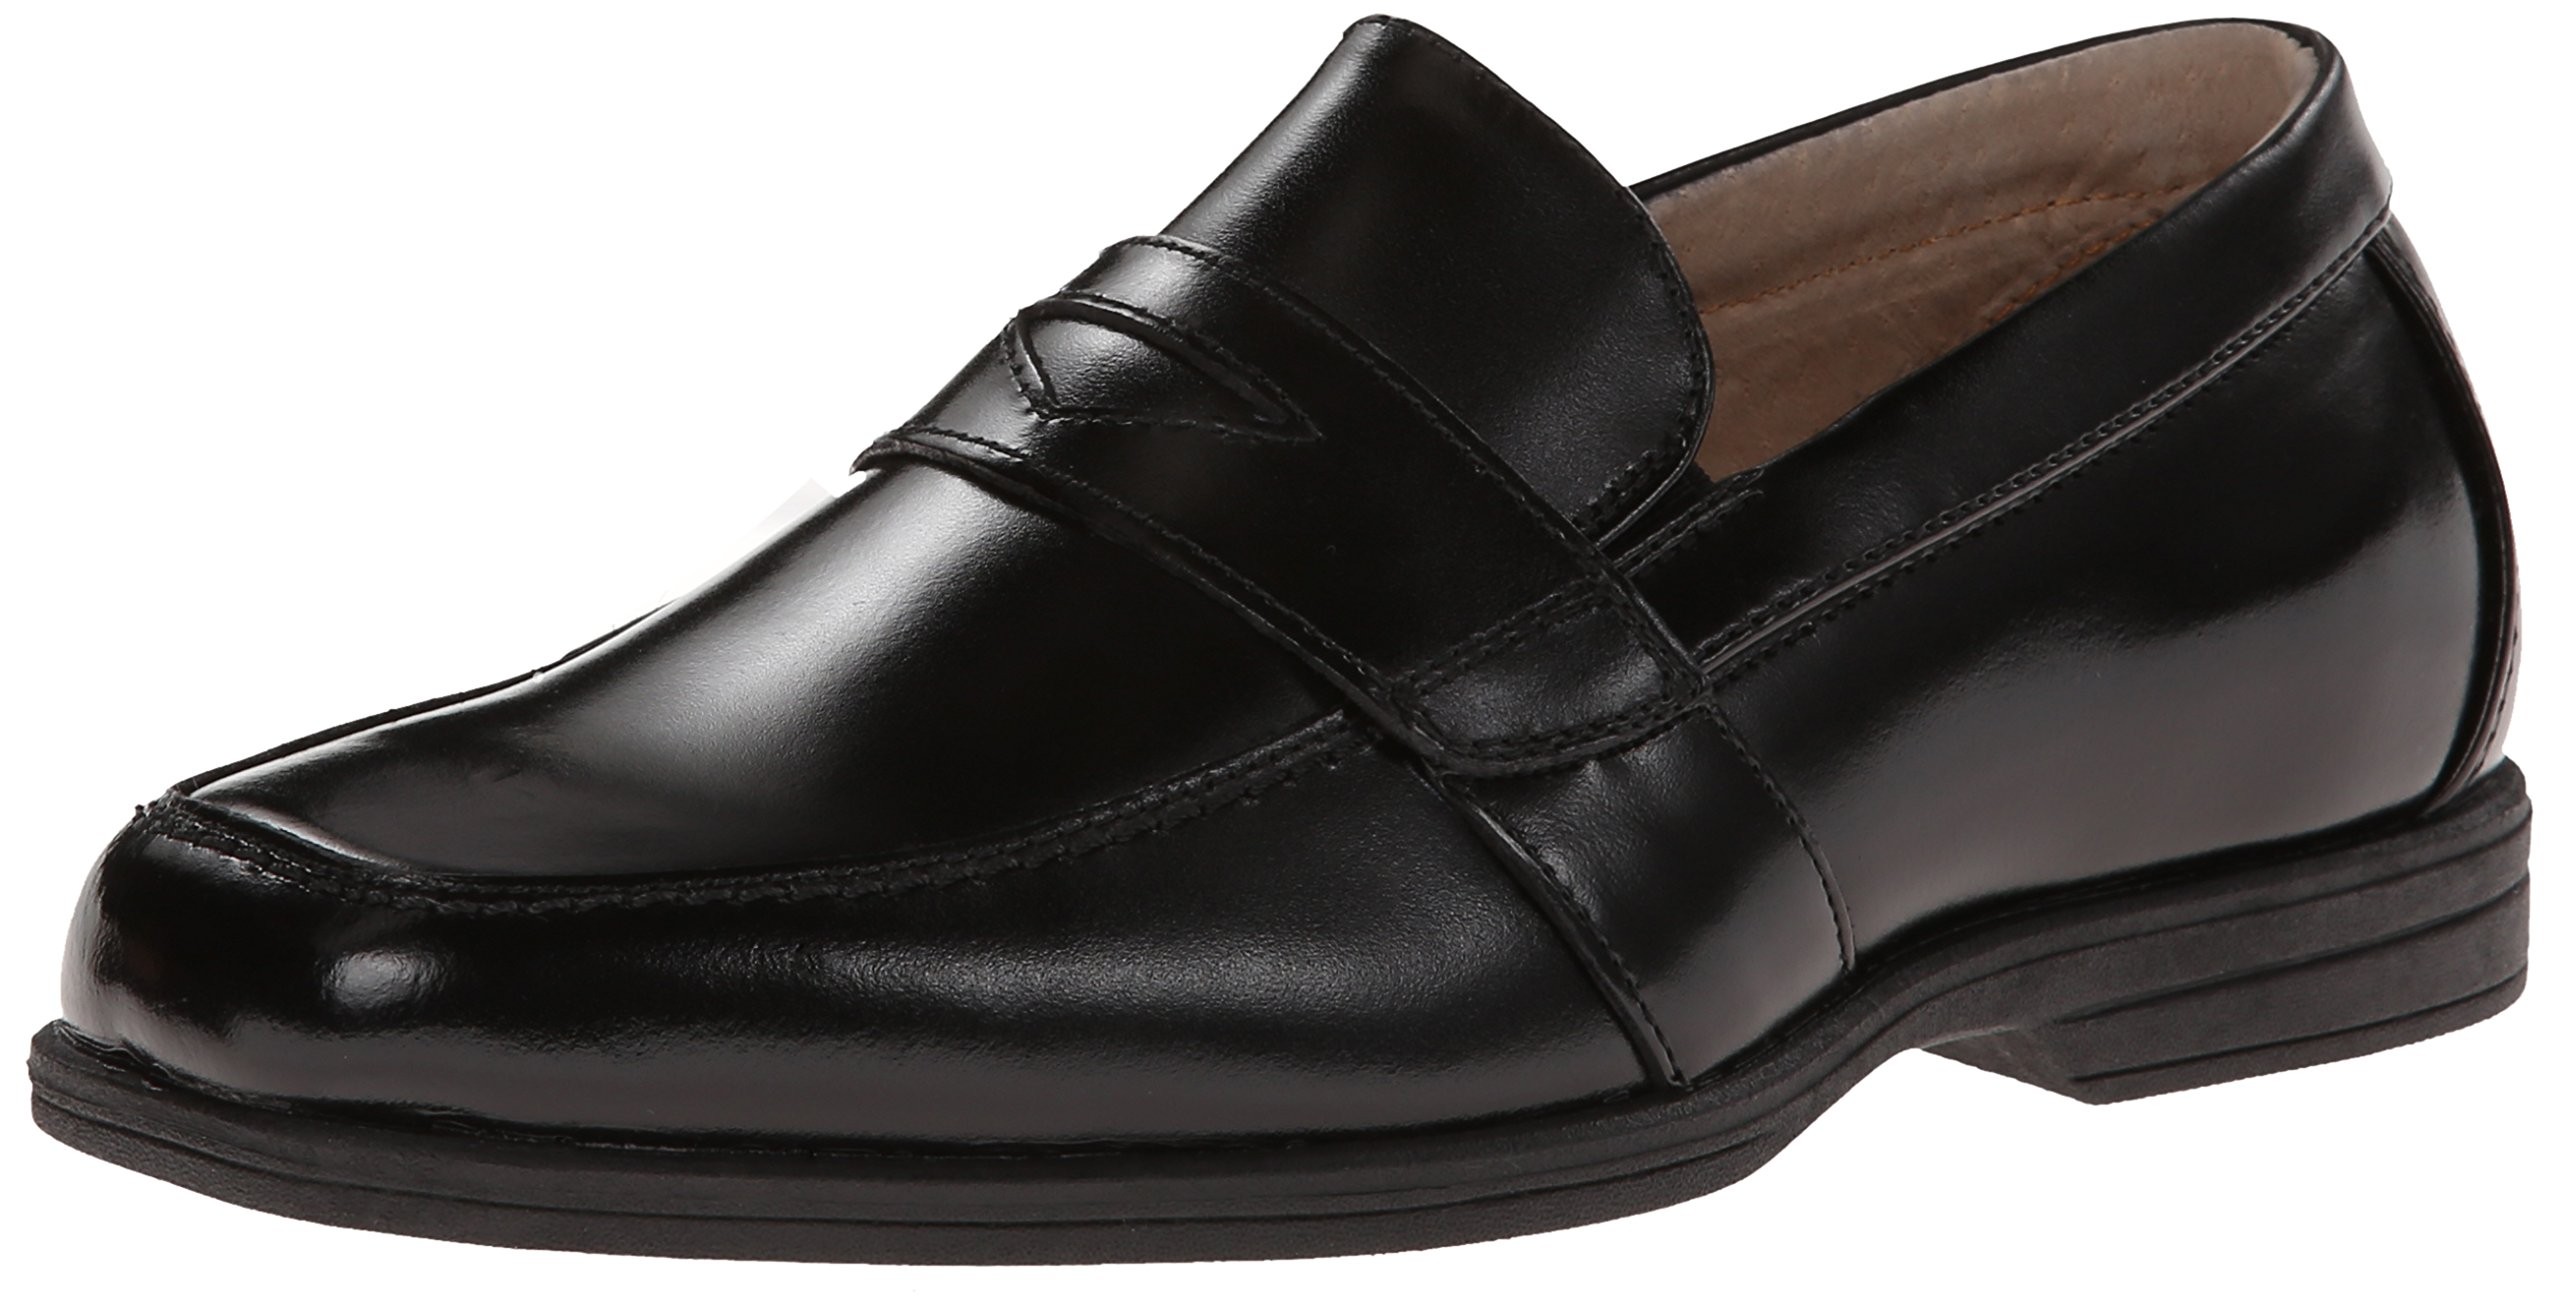 Florsheim Kids Reveal Penny Loafer Jr. Dress Shoe, Black, 6 Medium Big Kid